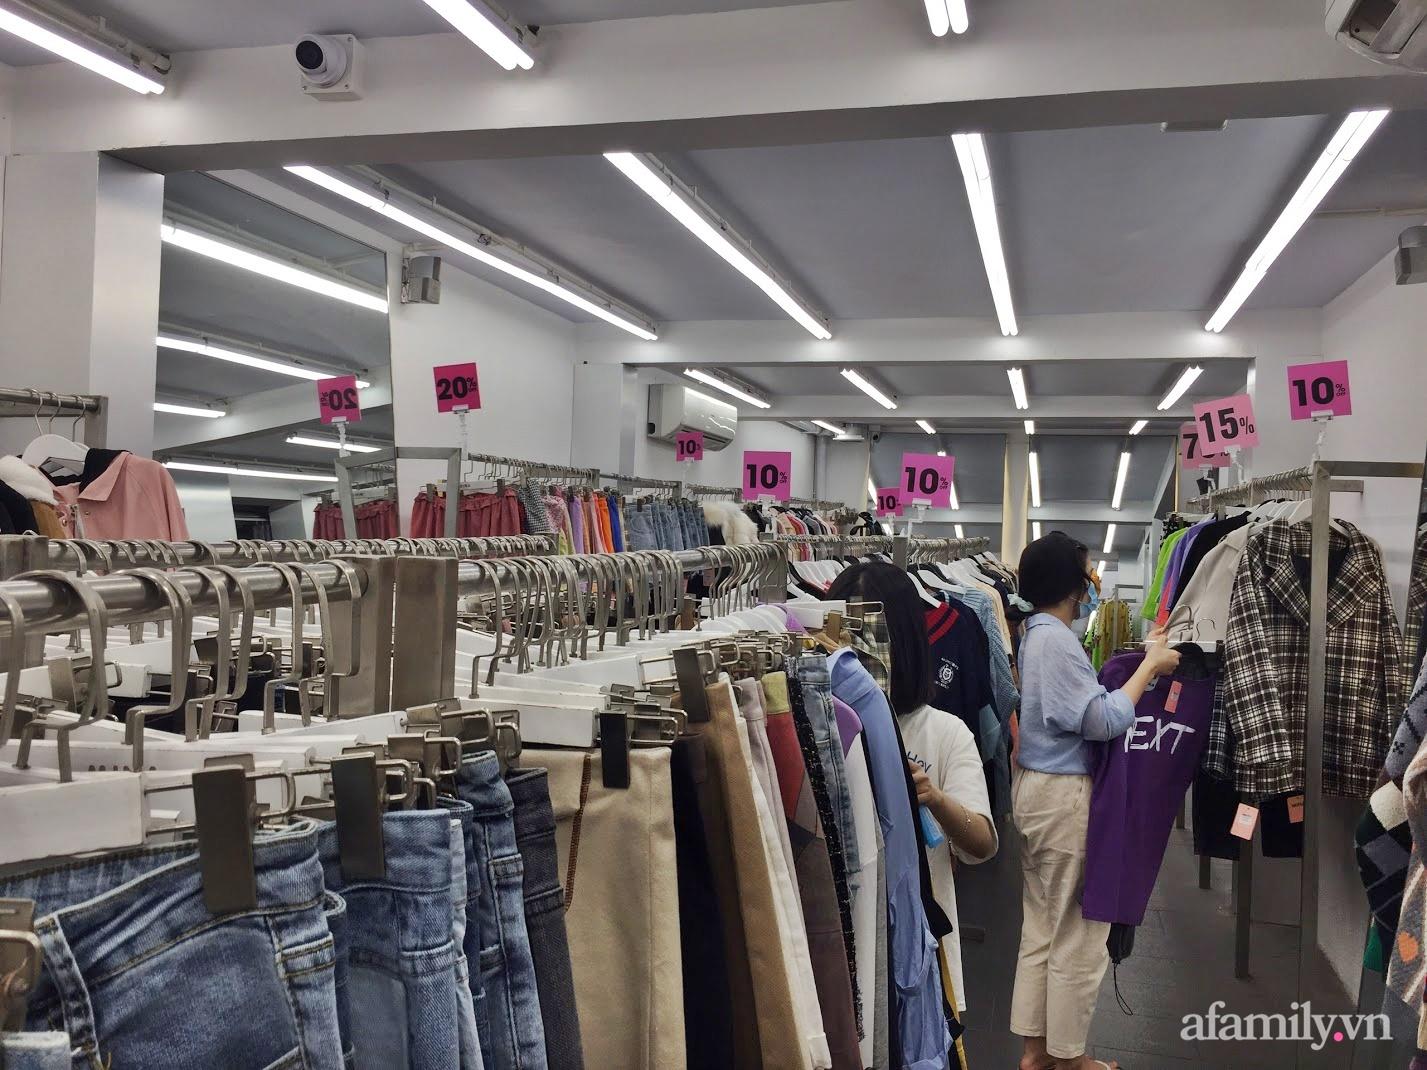 Hà Nội: Phố thời trang, trung tâm thương mại rợp biển giảm giá 80% trước ngày mua sắm Black Friday - Ảnh 3.